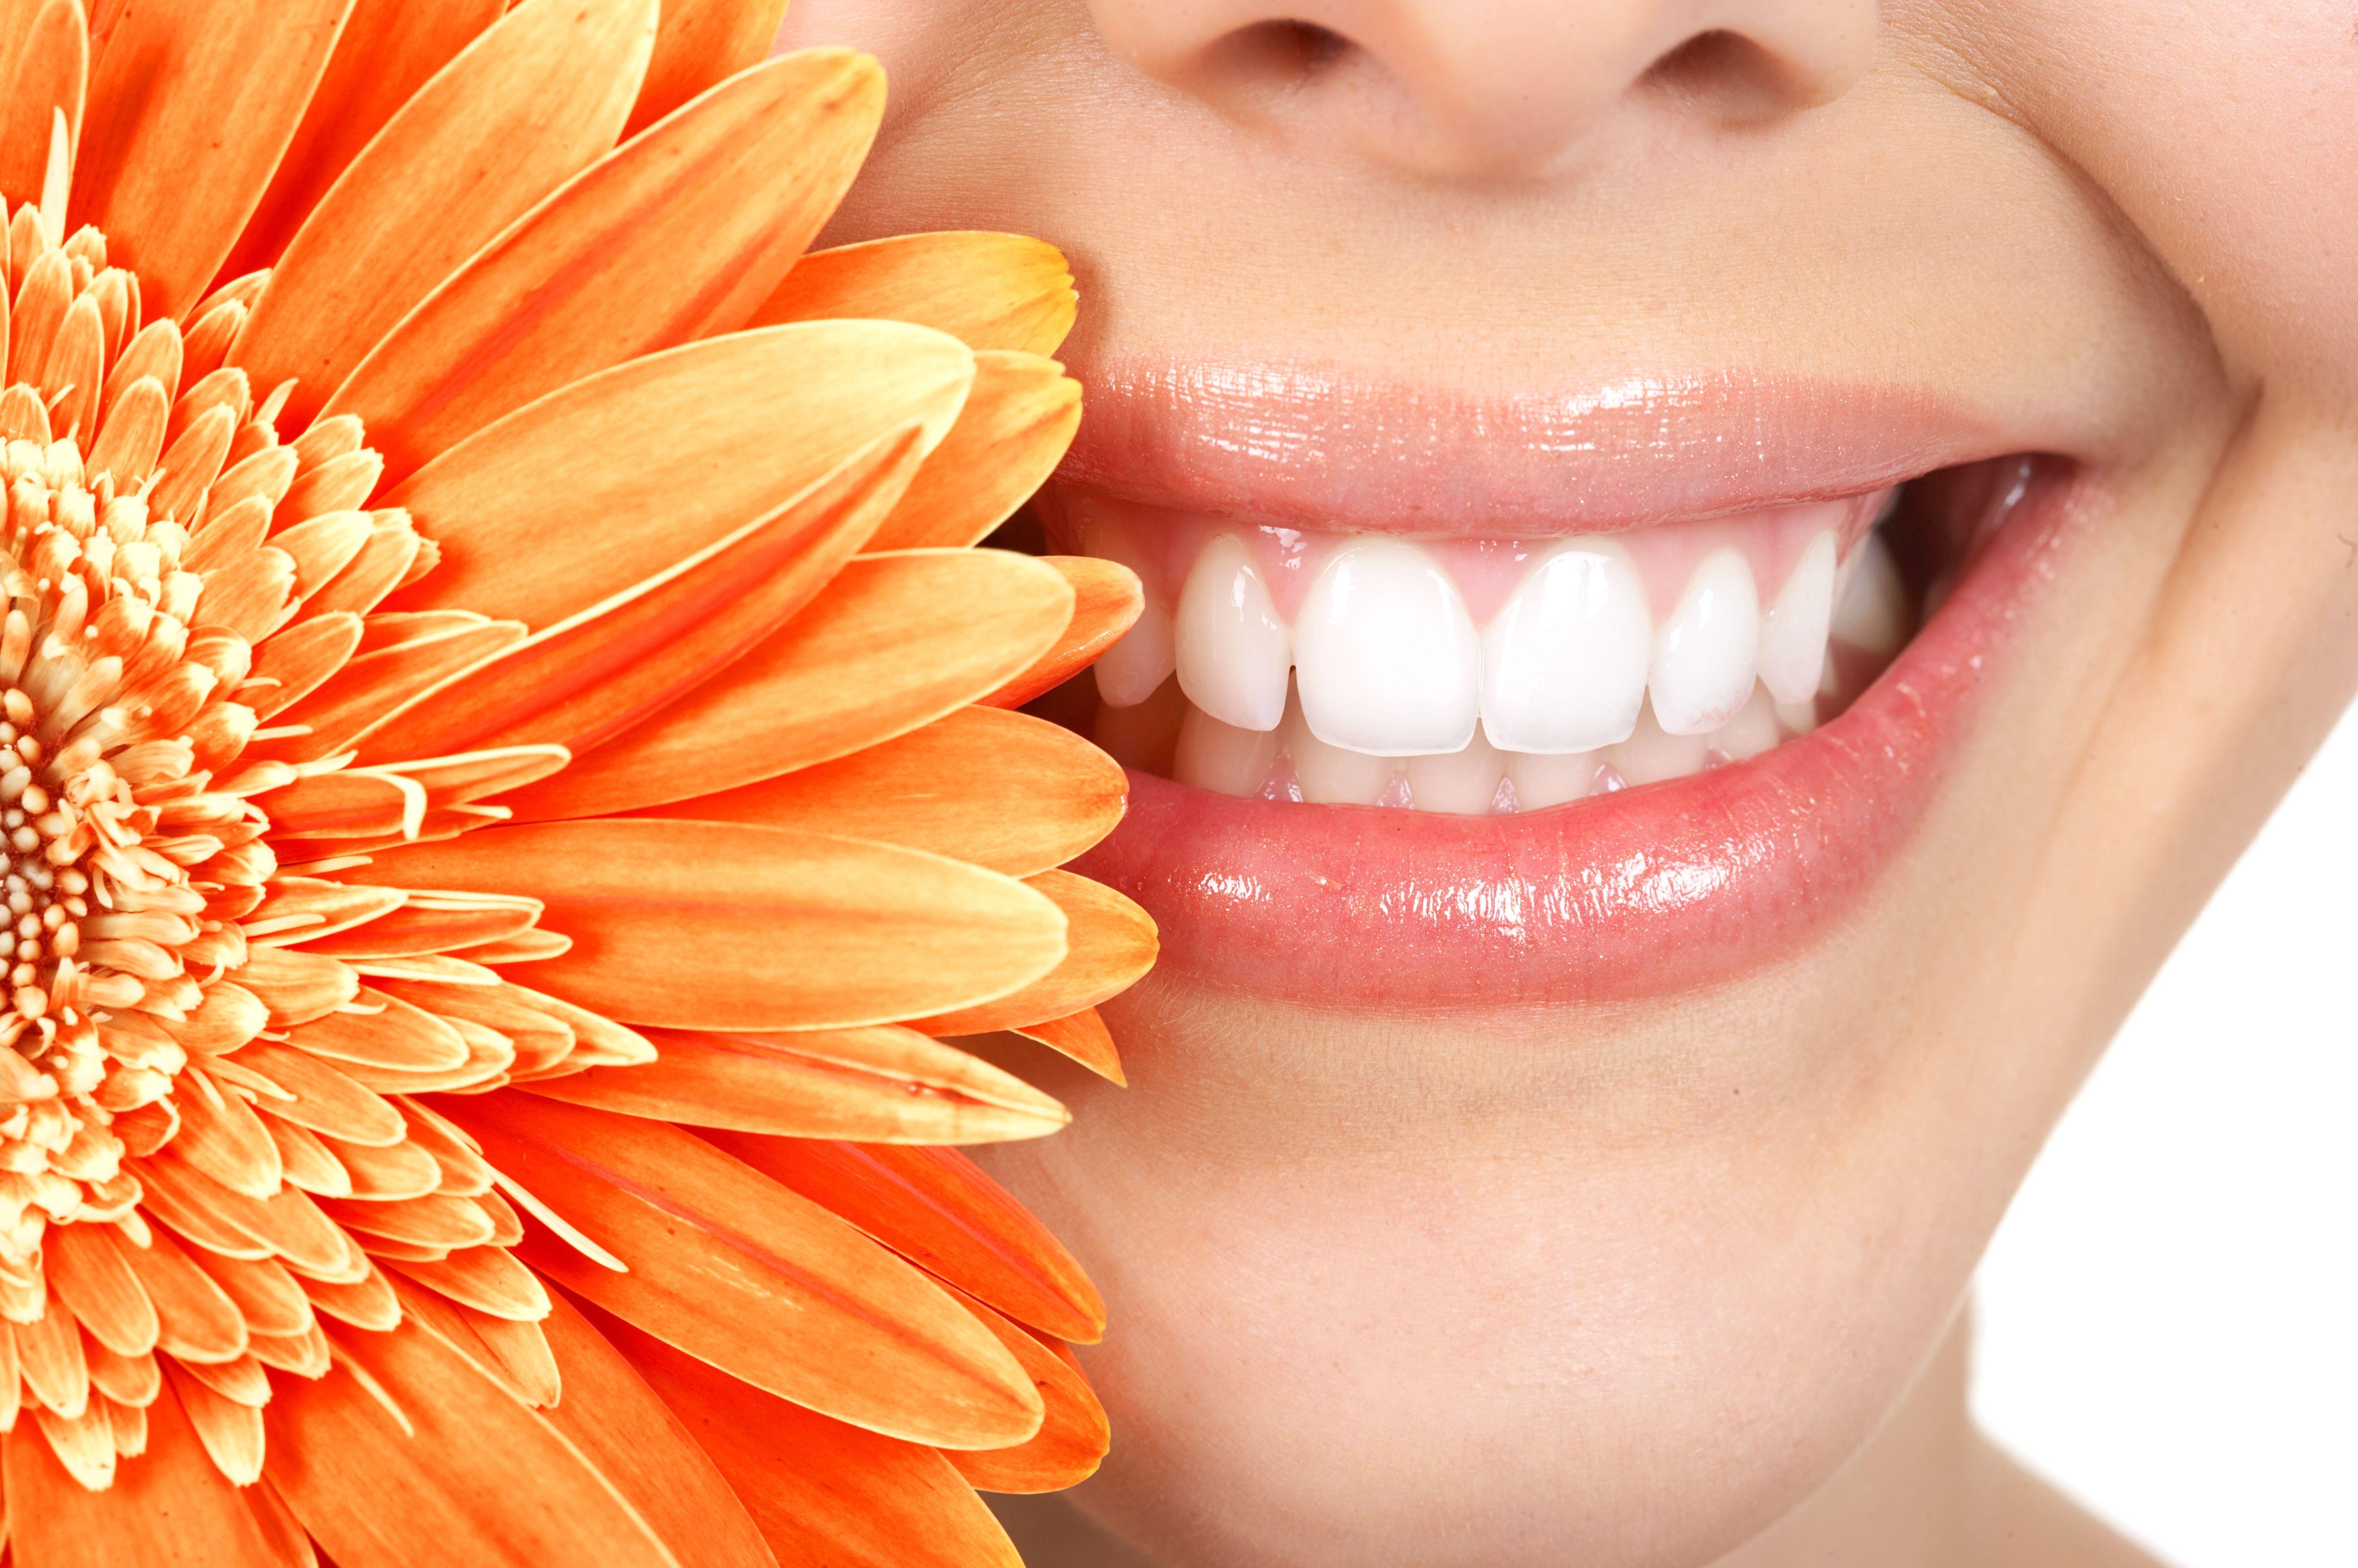 Tratamientos dentales en Tarragona